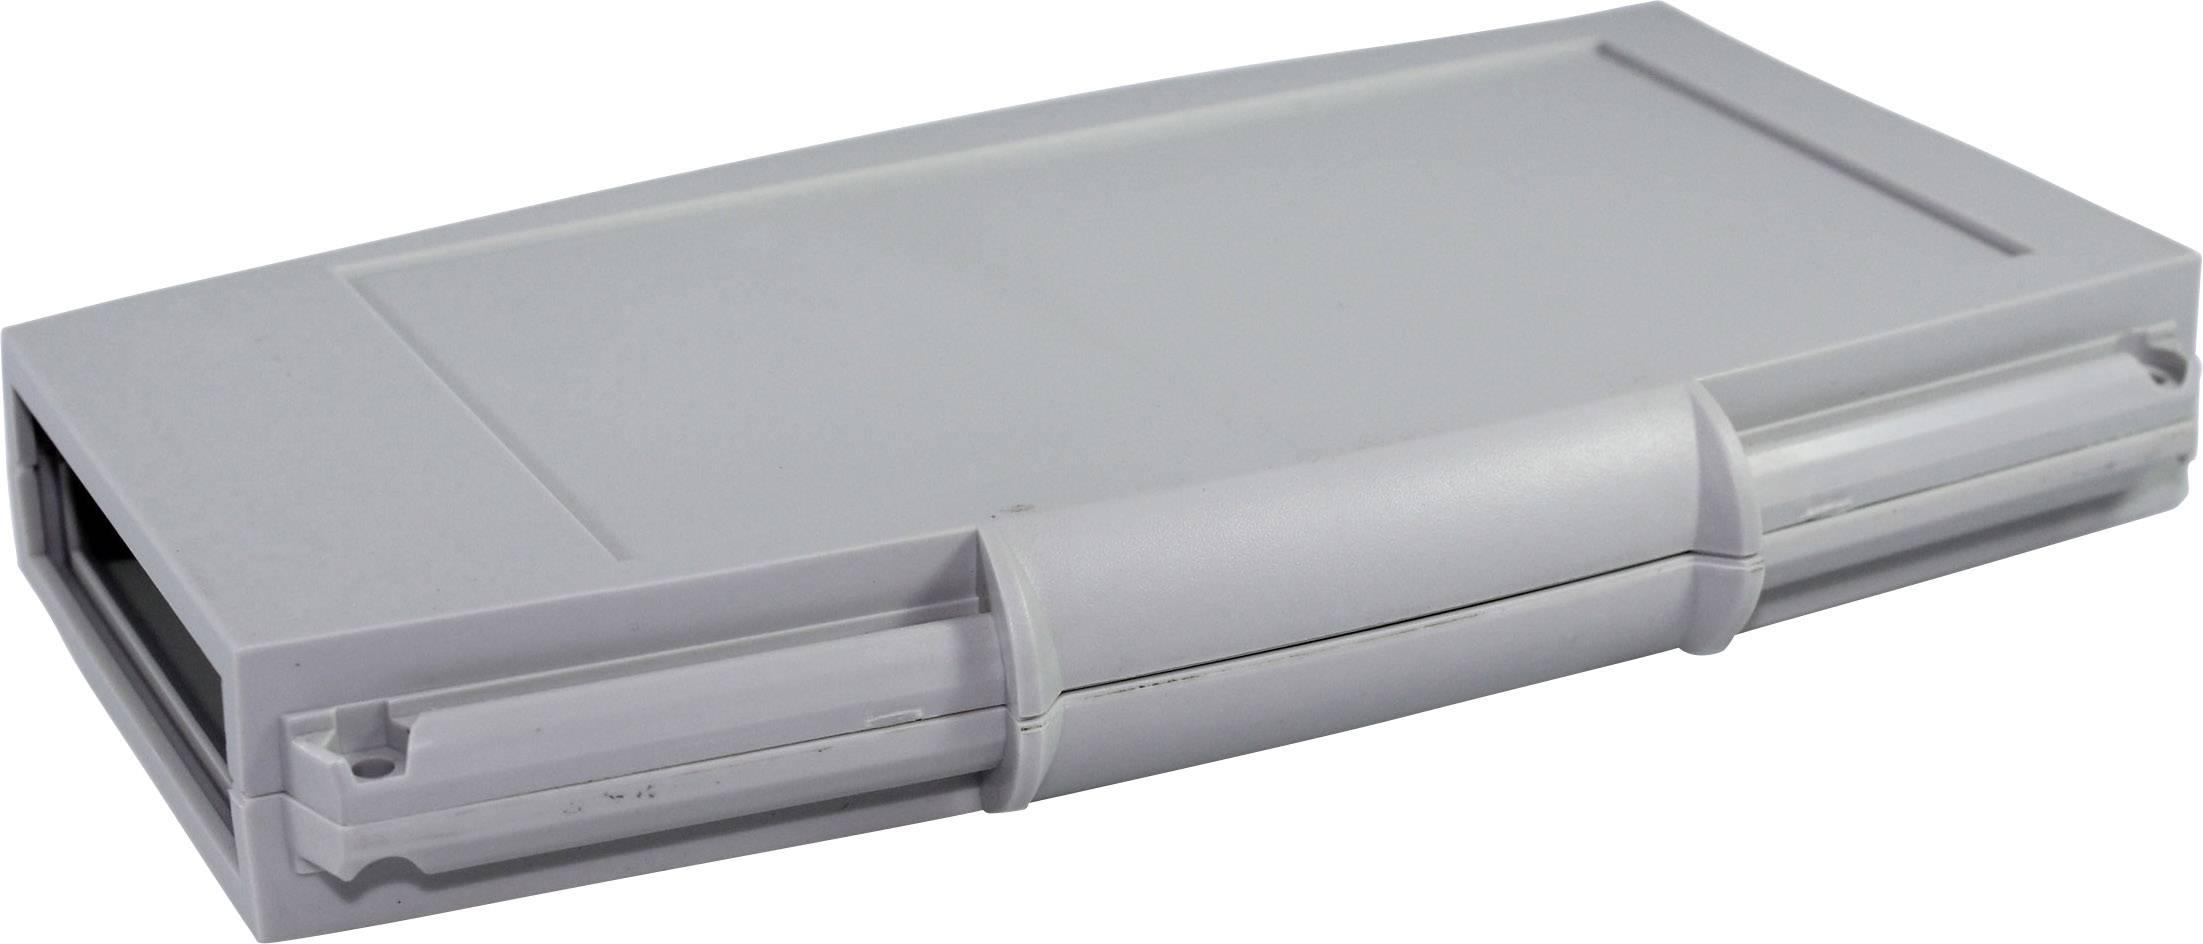 Plastová krabička Axxatronic CHH663NGY, 185 x 110 x 25 mm, ABS, svetlo sivá, 1 ks